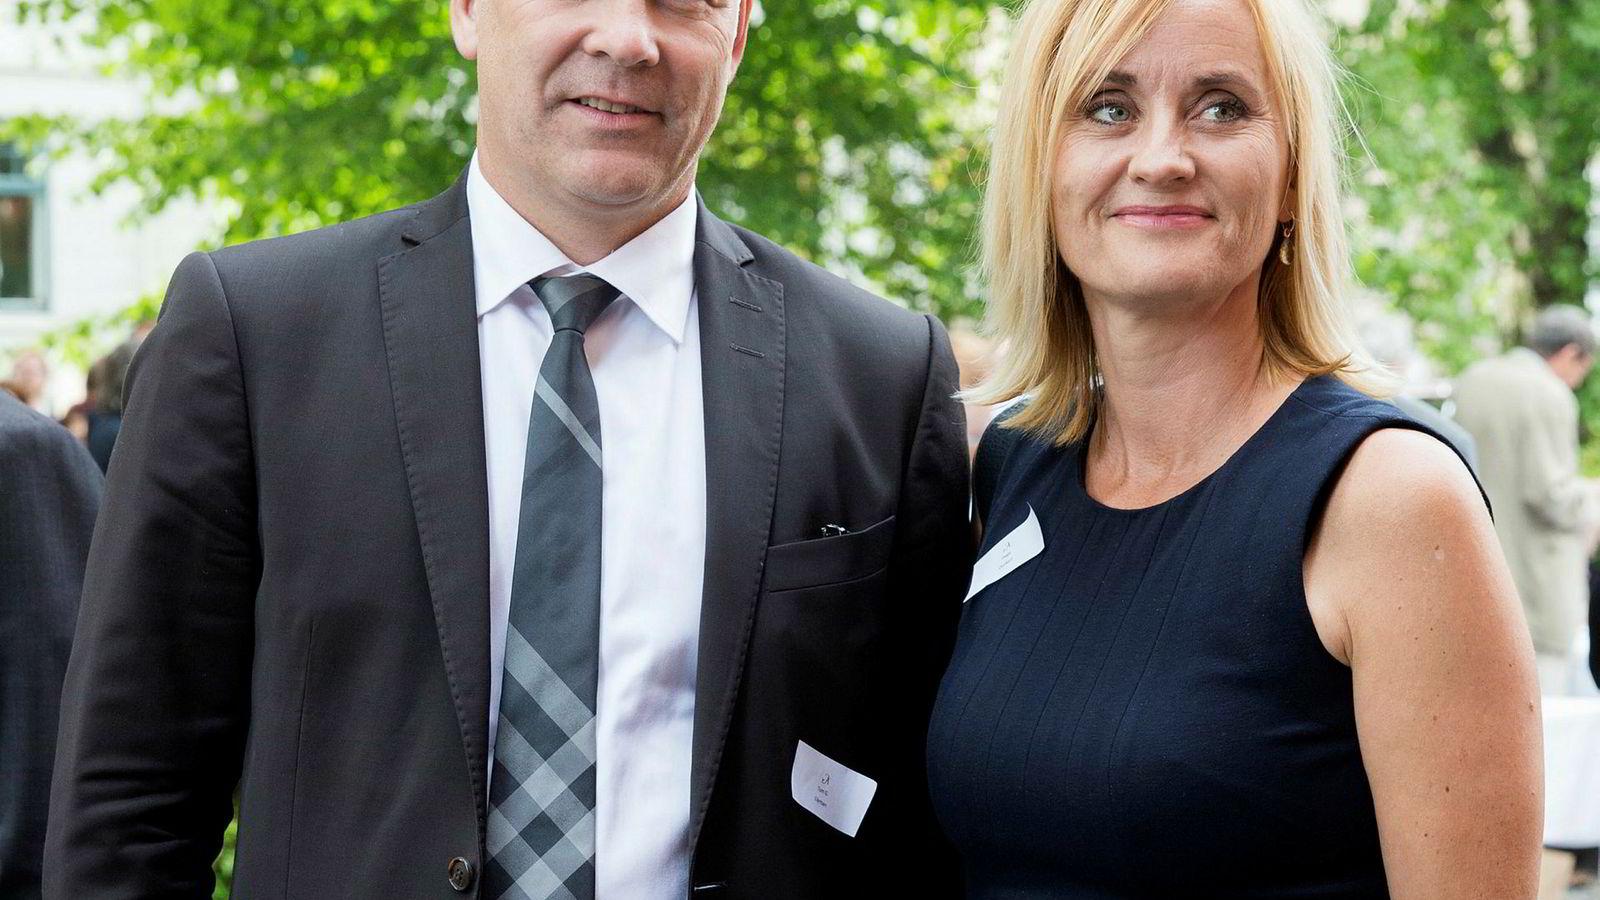 Thor Gjermund Eriksen og Hege Duckert, her i det de ankommer Aschehougs hagefest sammen i 2013.